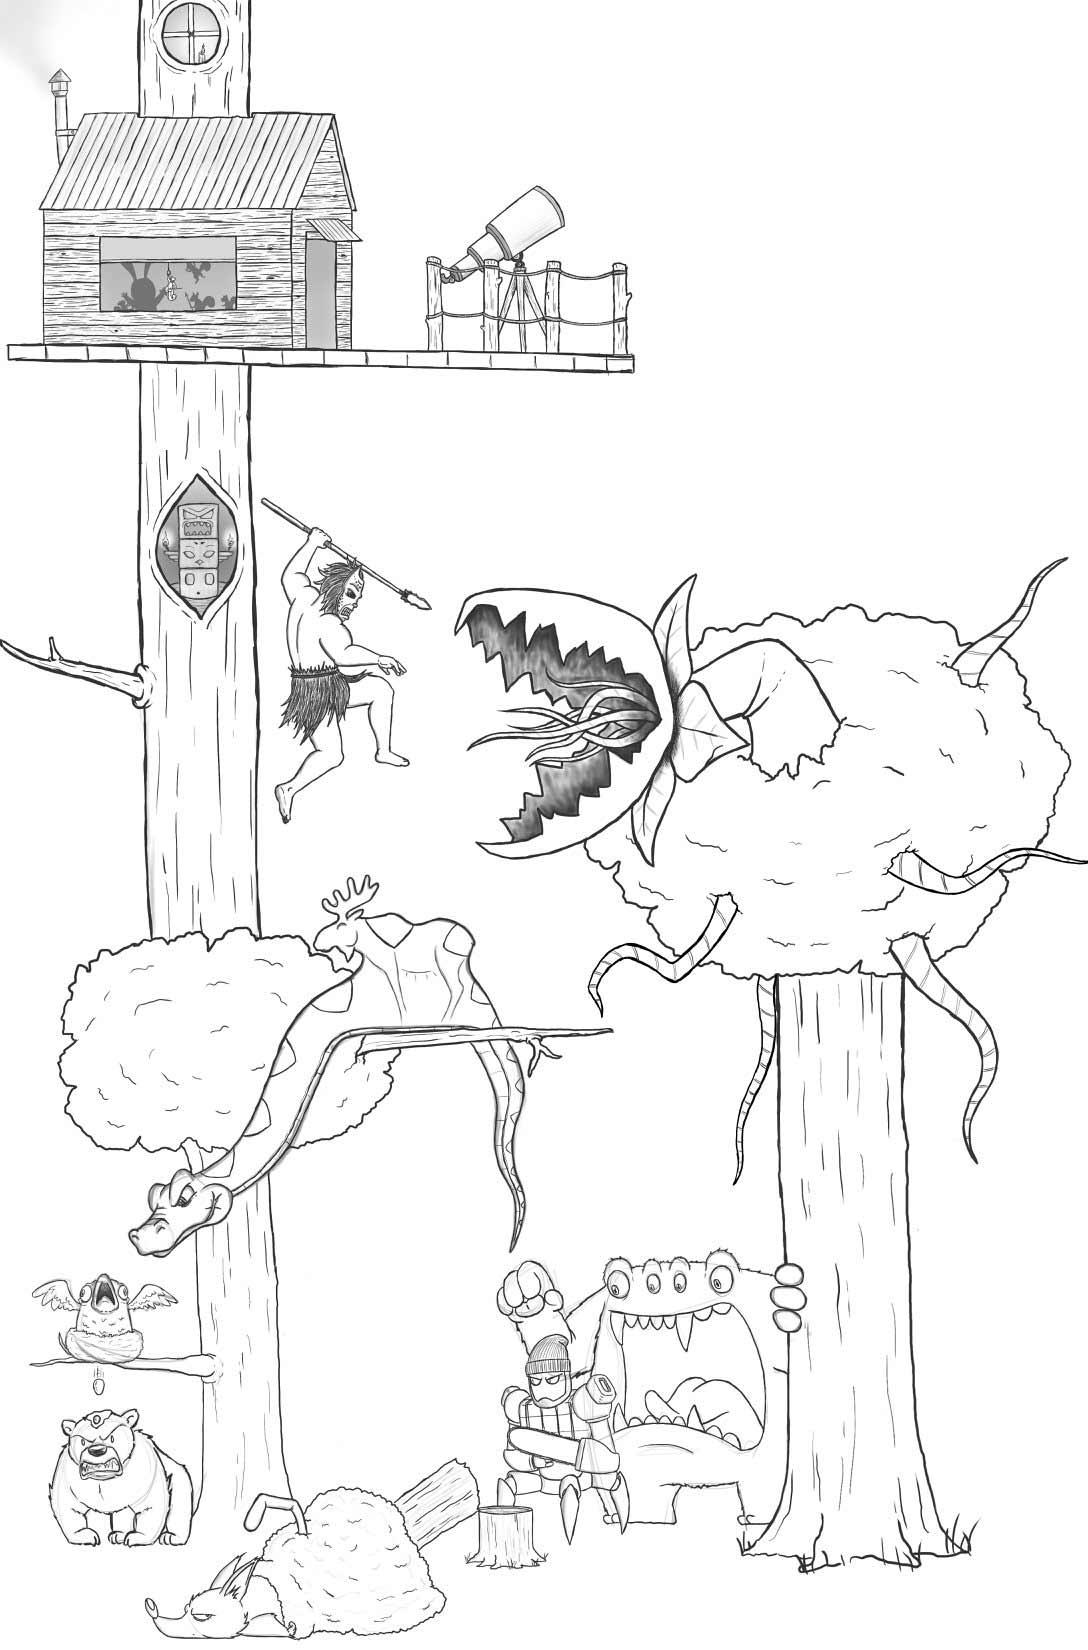 Eric Keledjian hat dieser Zeichnung jeden Tag eine Figur hinzugefügt Eric-Keledjian_19-tage-zeichnung_11